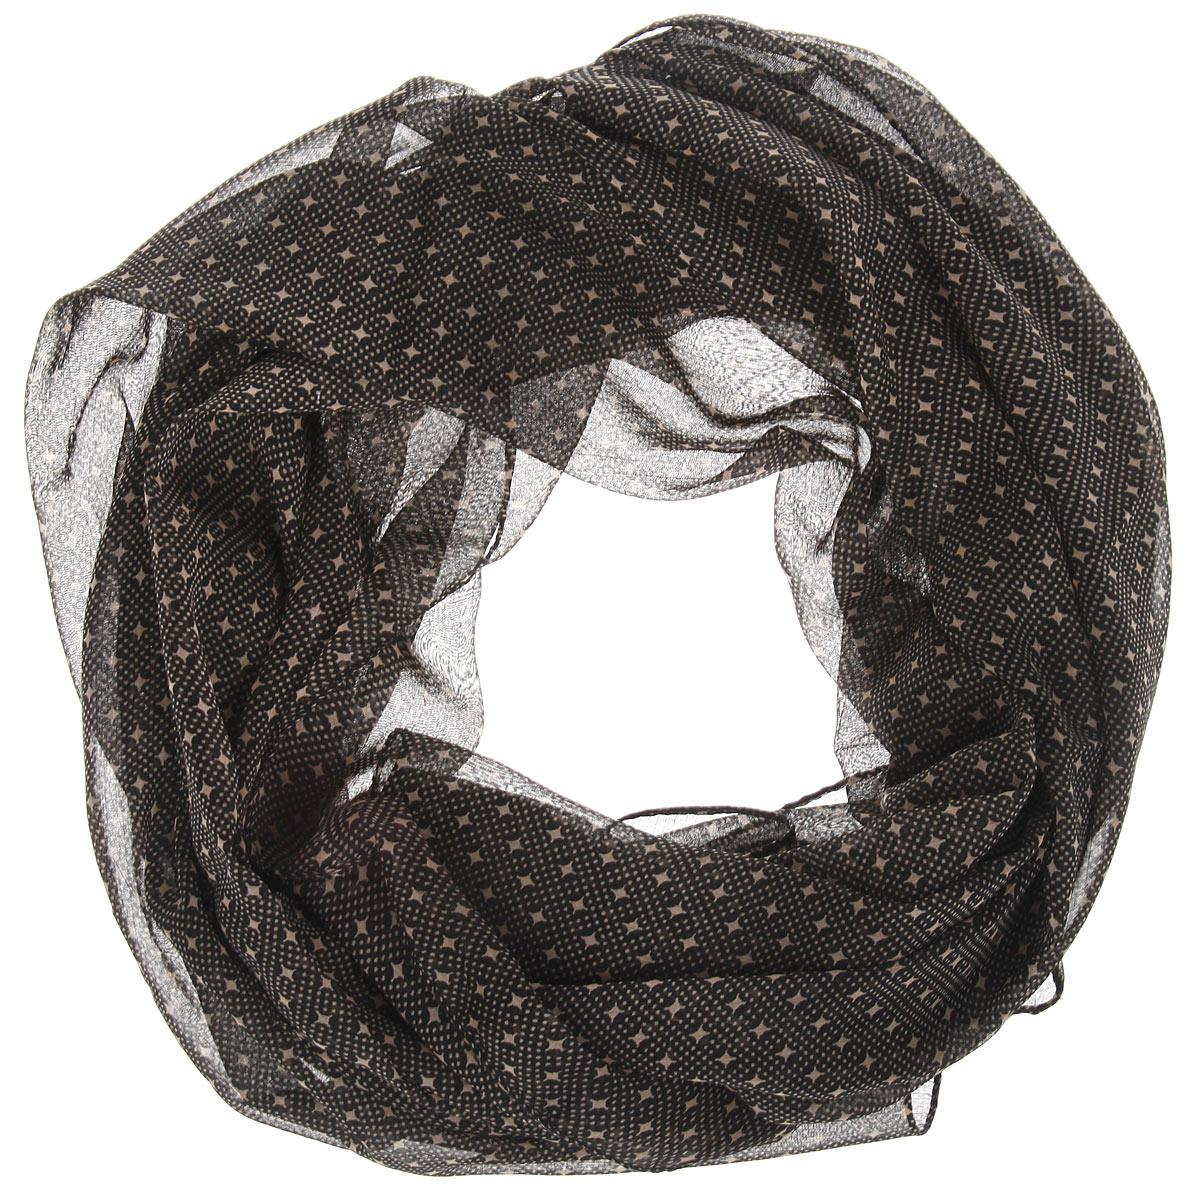 Платок524040нСтильный женский платок Ethnica станет великолепным завершением любого наряда. Легкий платок изготовлен из 100% вискозы. Он оформлен оригинальным принтом в мелкий горох, дополненный небольшими звездами. Классическая квадратная форма позволяет носить платок на шее, украшать им прическу или декорировать сумочку. Мягкий и шелковистый платок поможет вам создать изысканный женственный образ, а также согреет в непогоду. Такой платок превосходно дополнит любой наряд и подчеркнет ваш неповторимый вкус и элегантность.